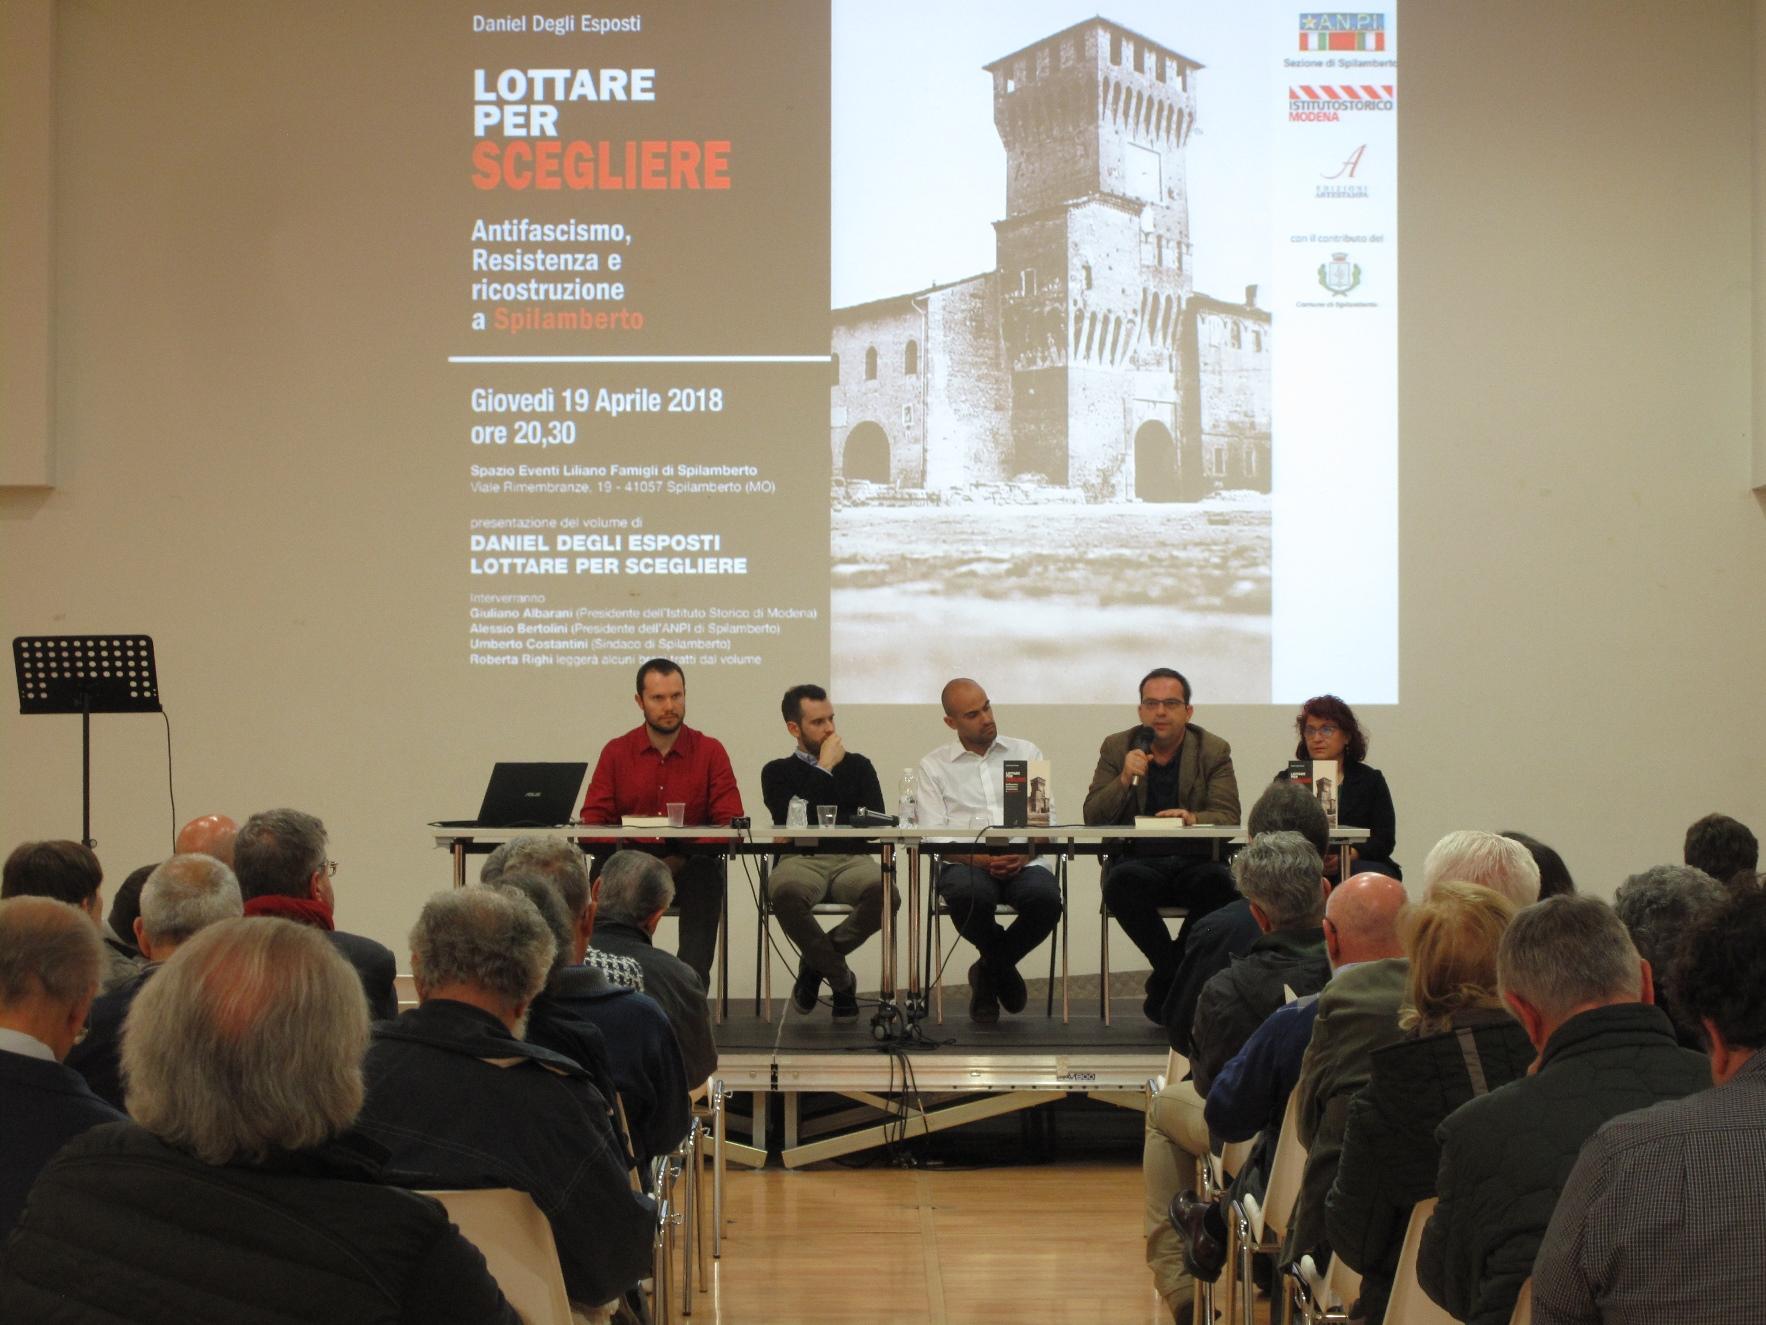 storie di resistenza: Il tavolo dei relatori durante la presentazione del libro Lottare per scegliere